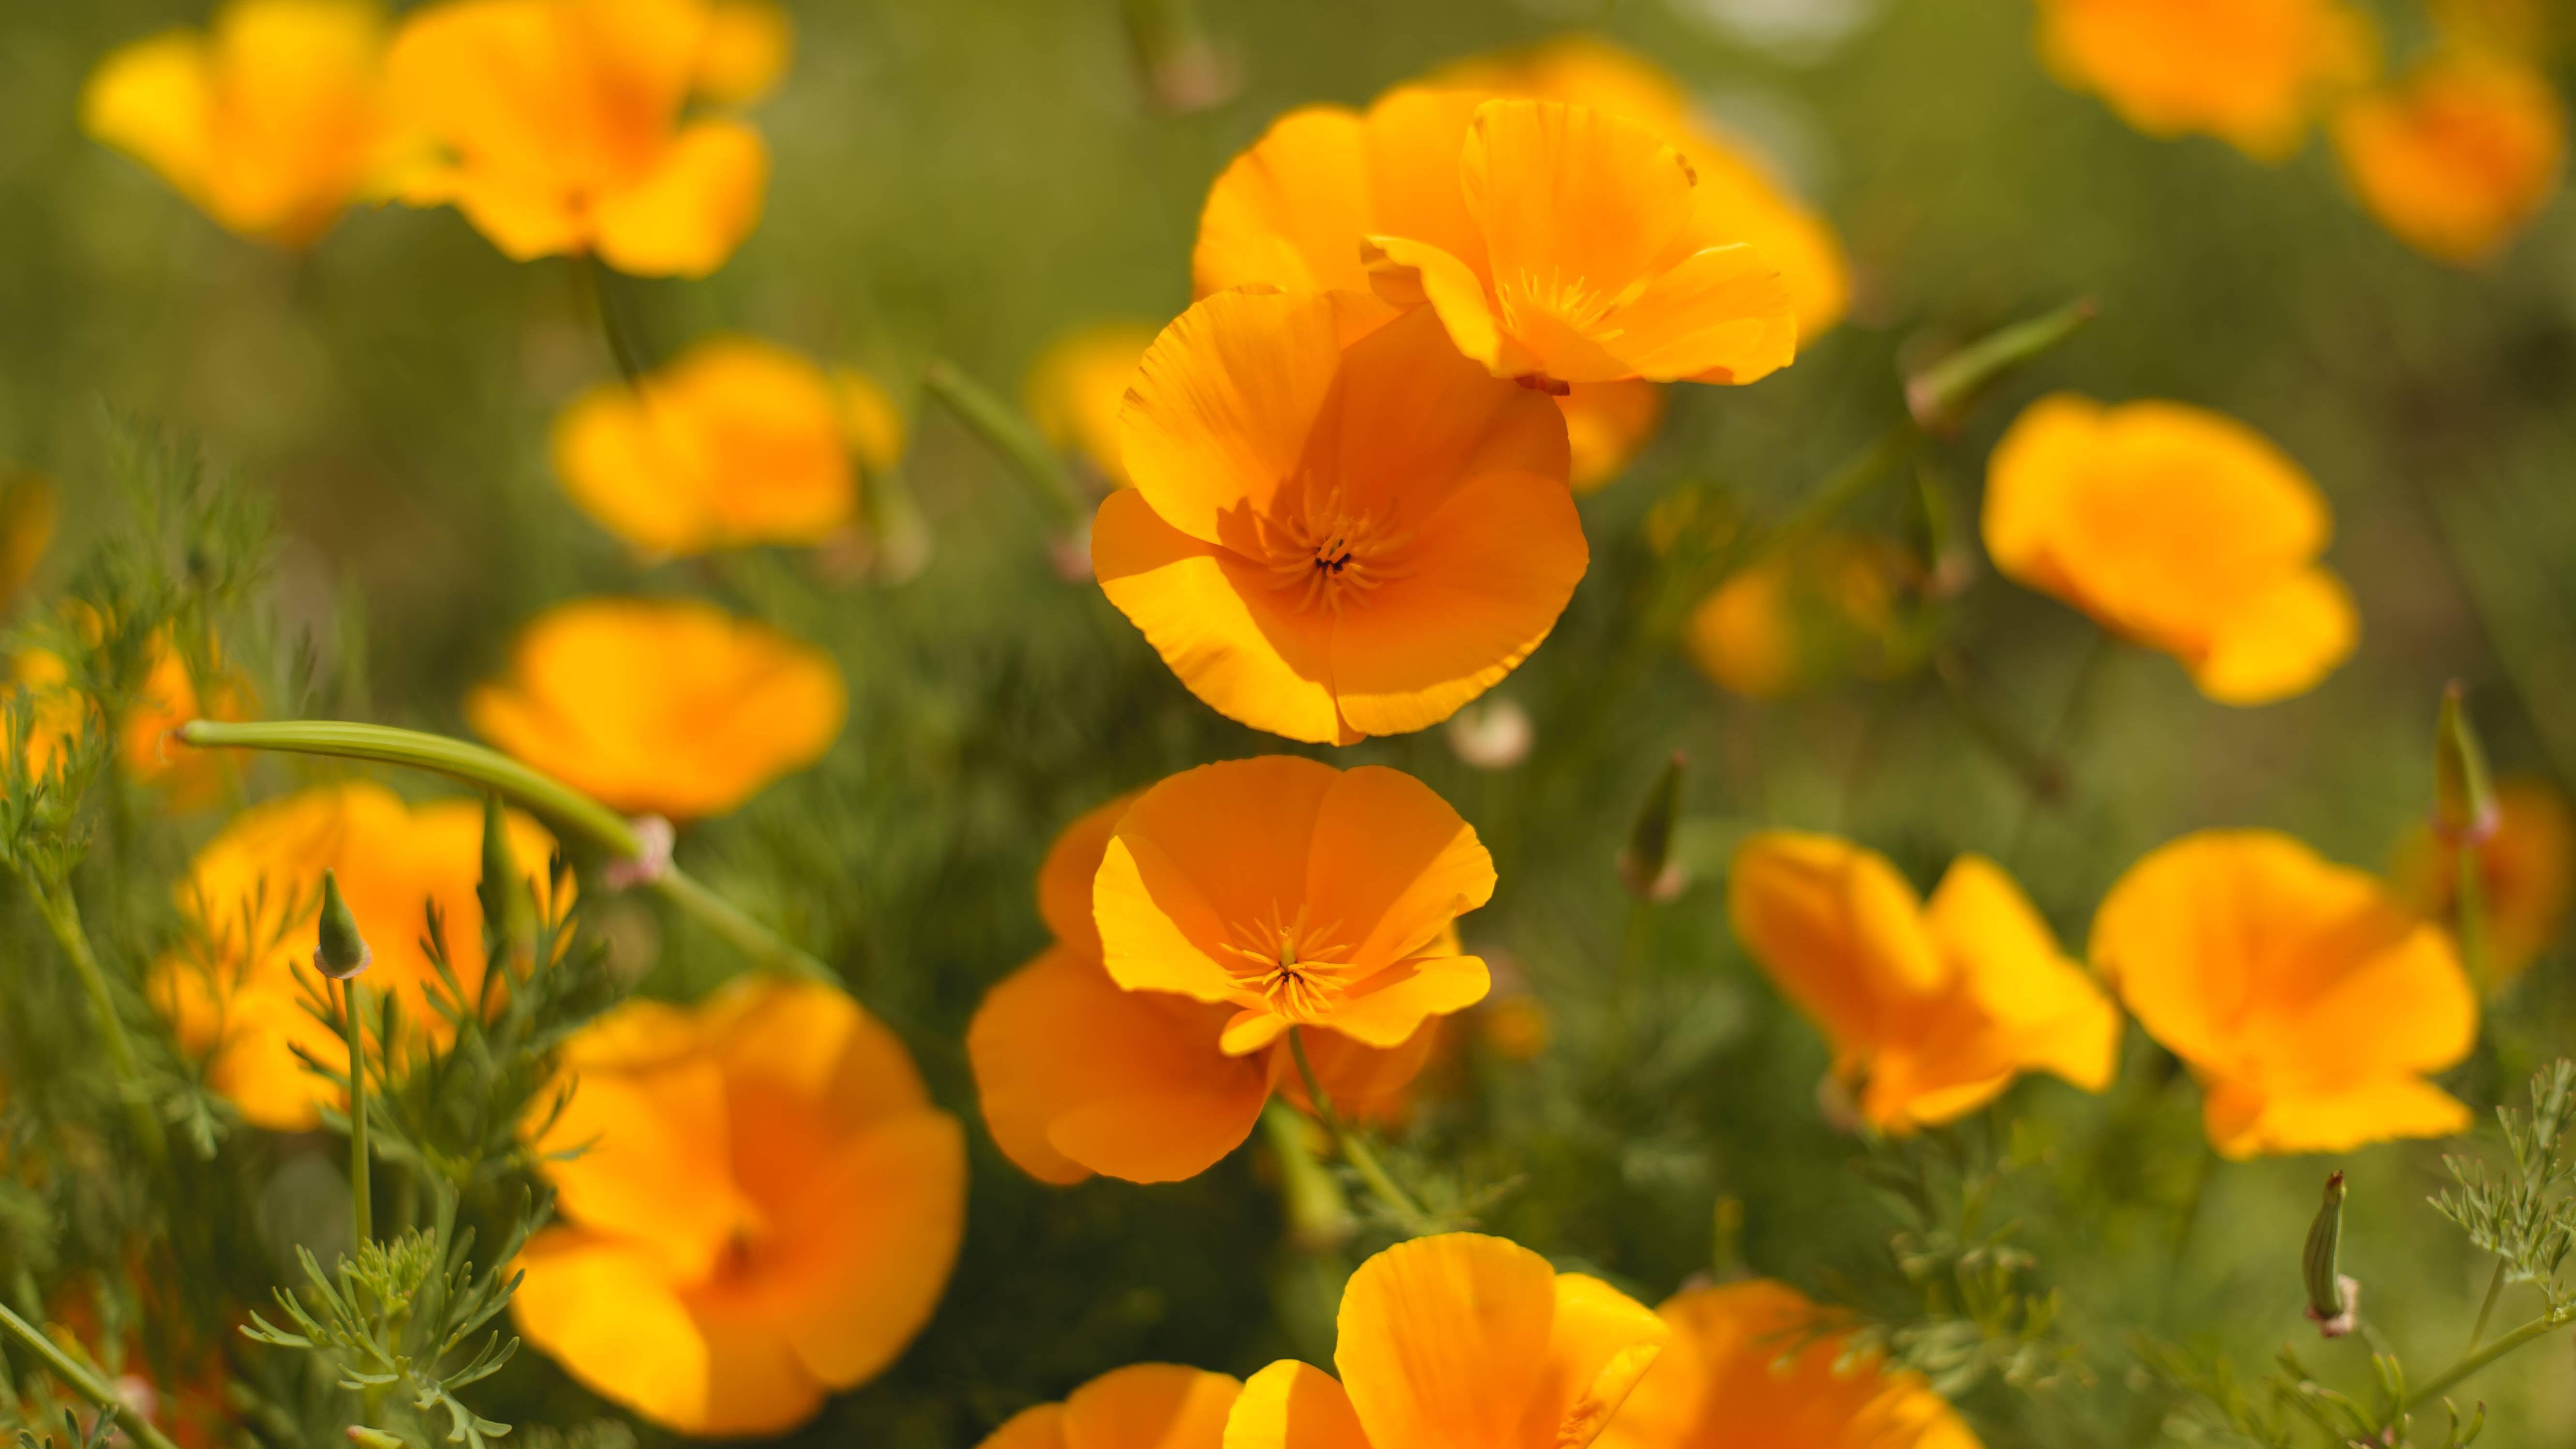 Pflanzen Sie den goldenen Kalifornischen Mohn auf trockenen, sonnigen Böden.